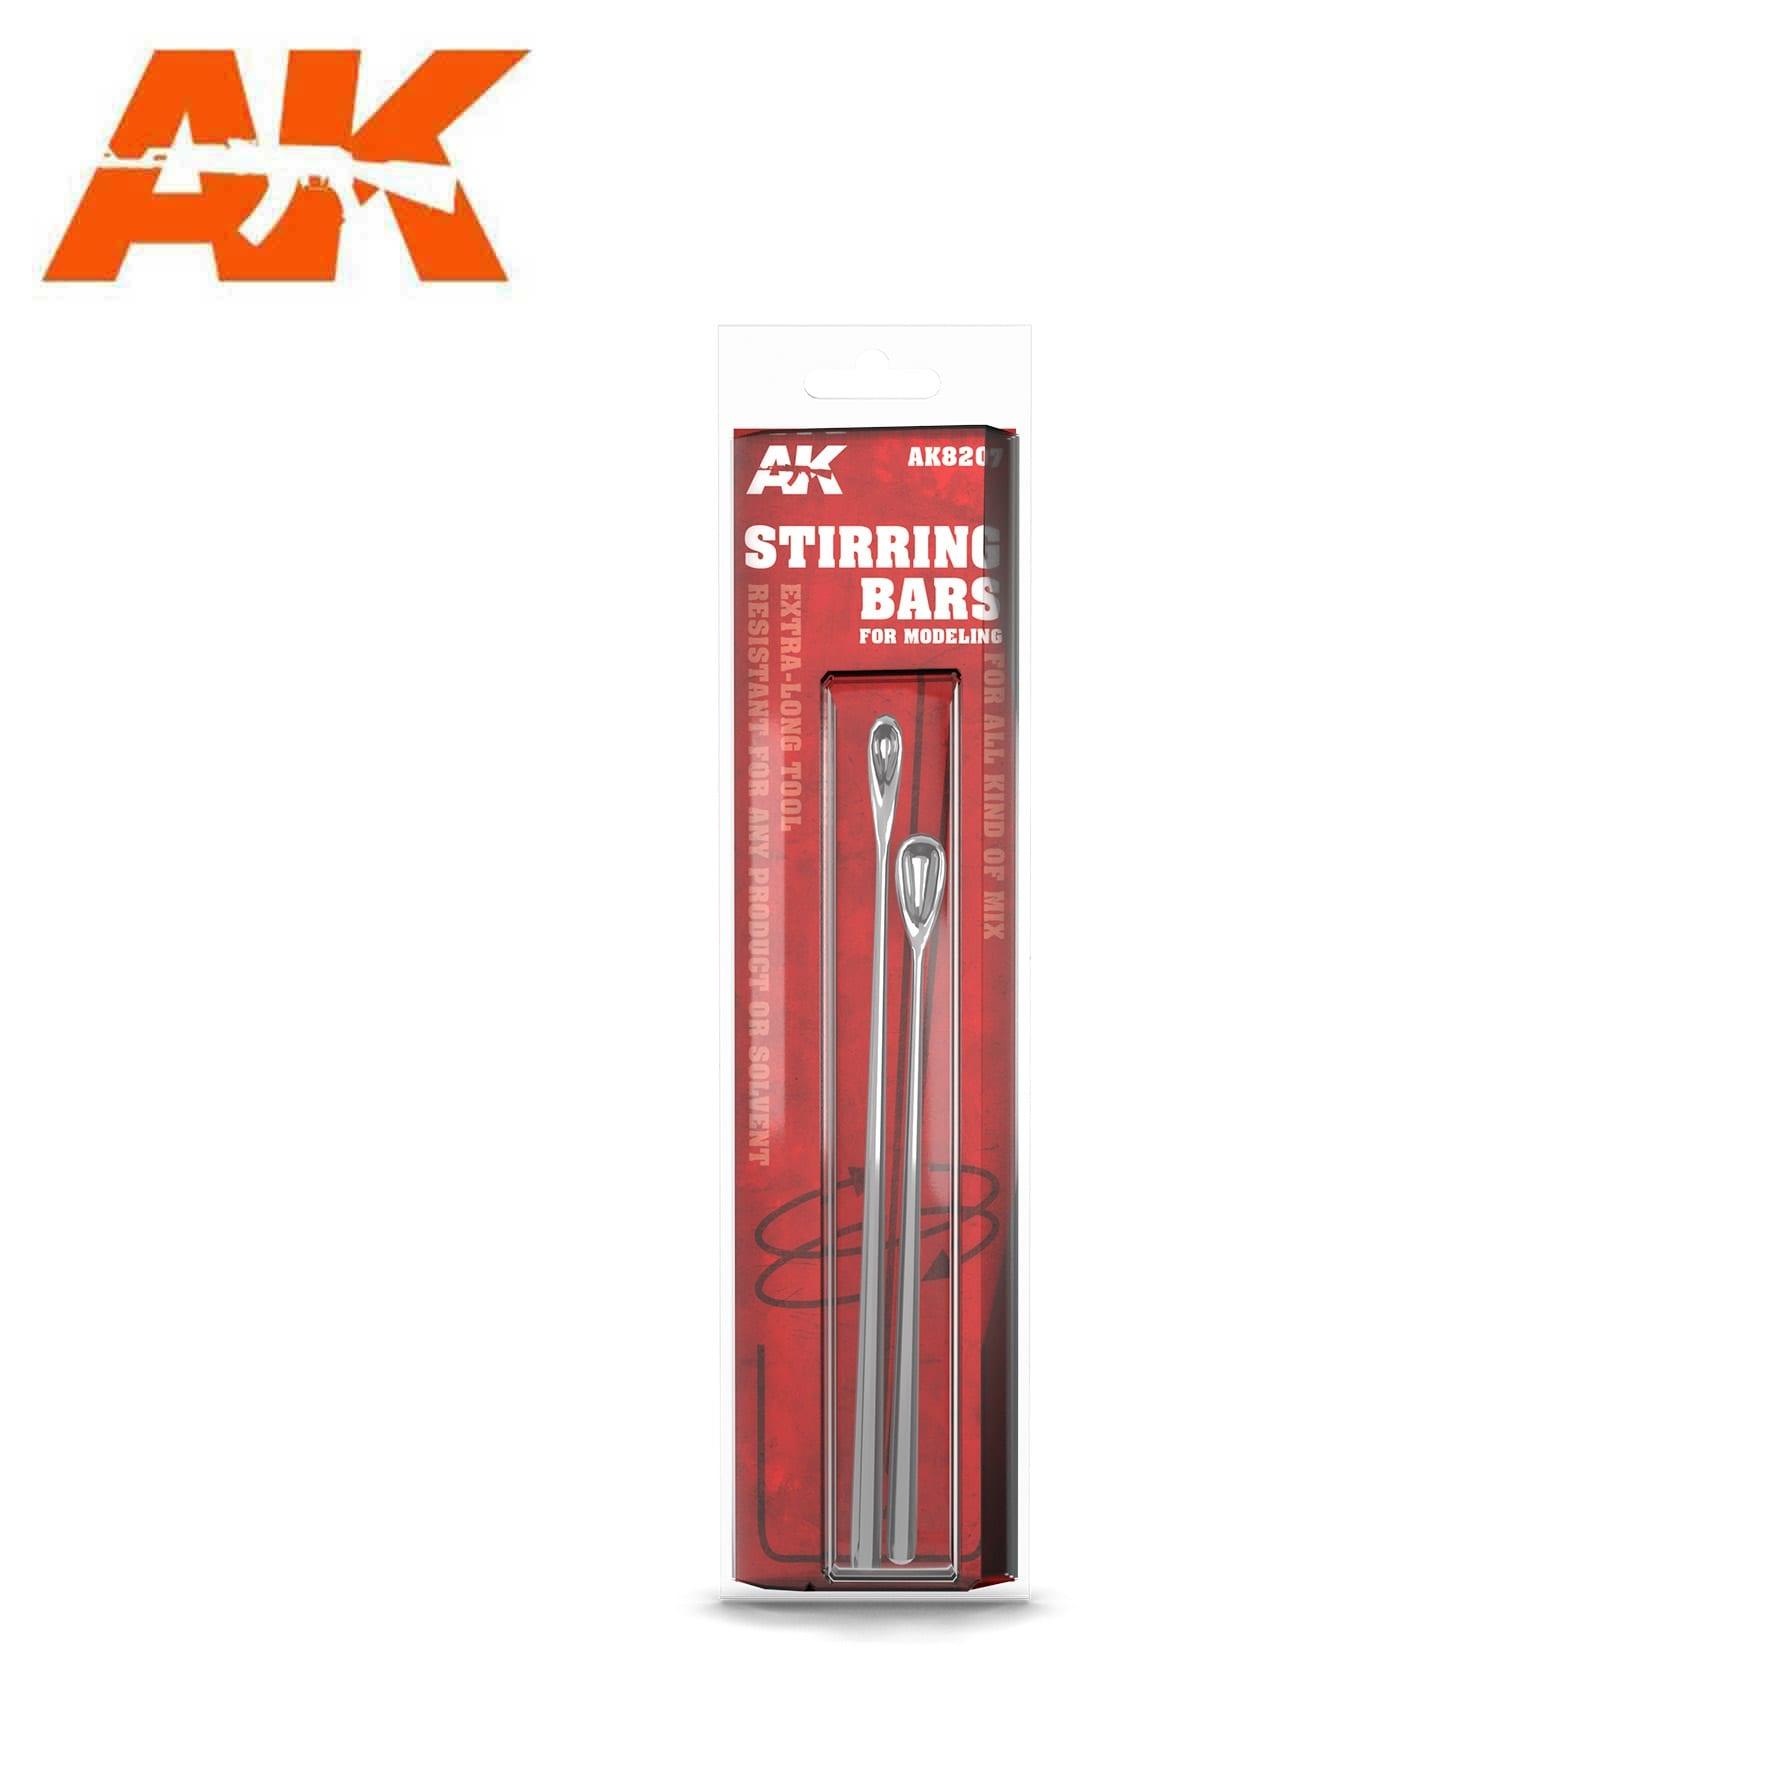 AK-Interactive Modelling Stirring Bars - AK-Interactive - AK-8207